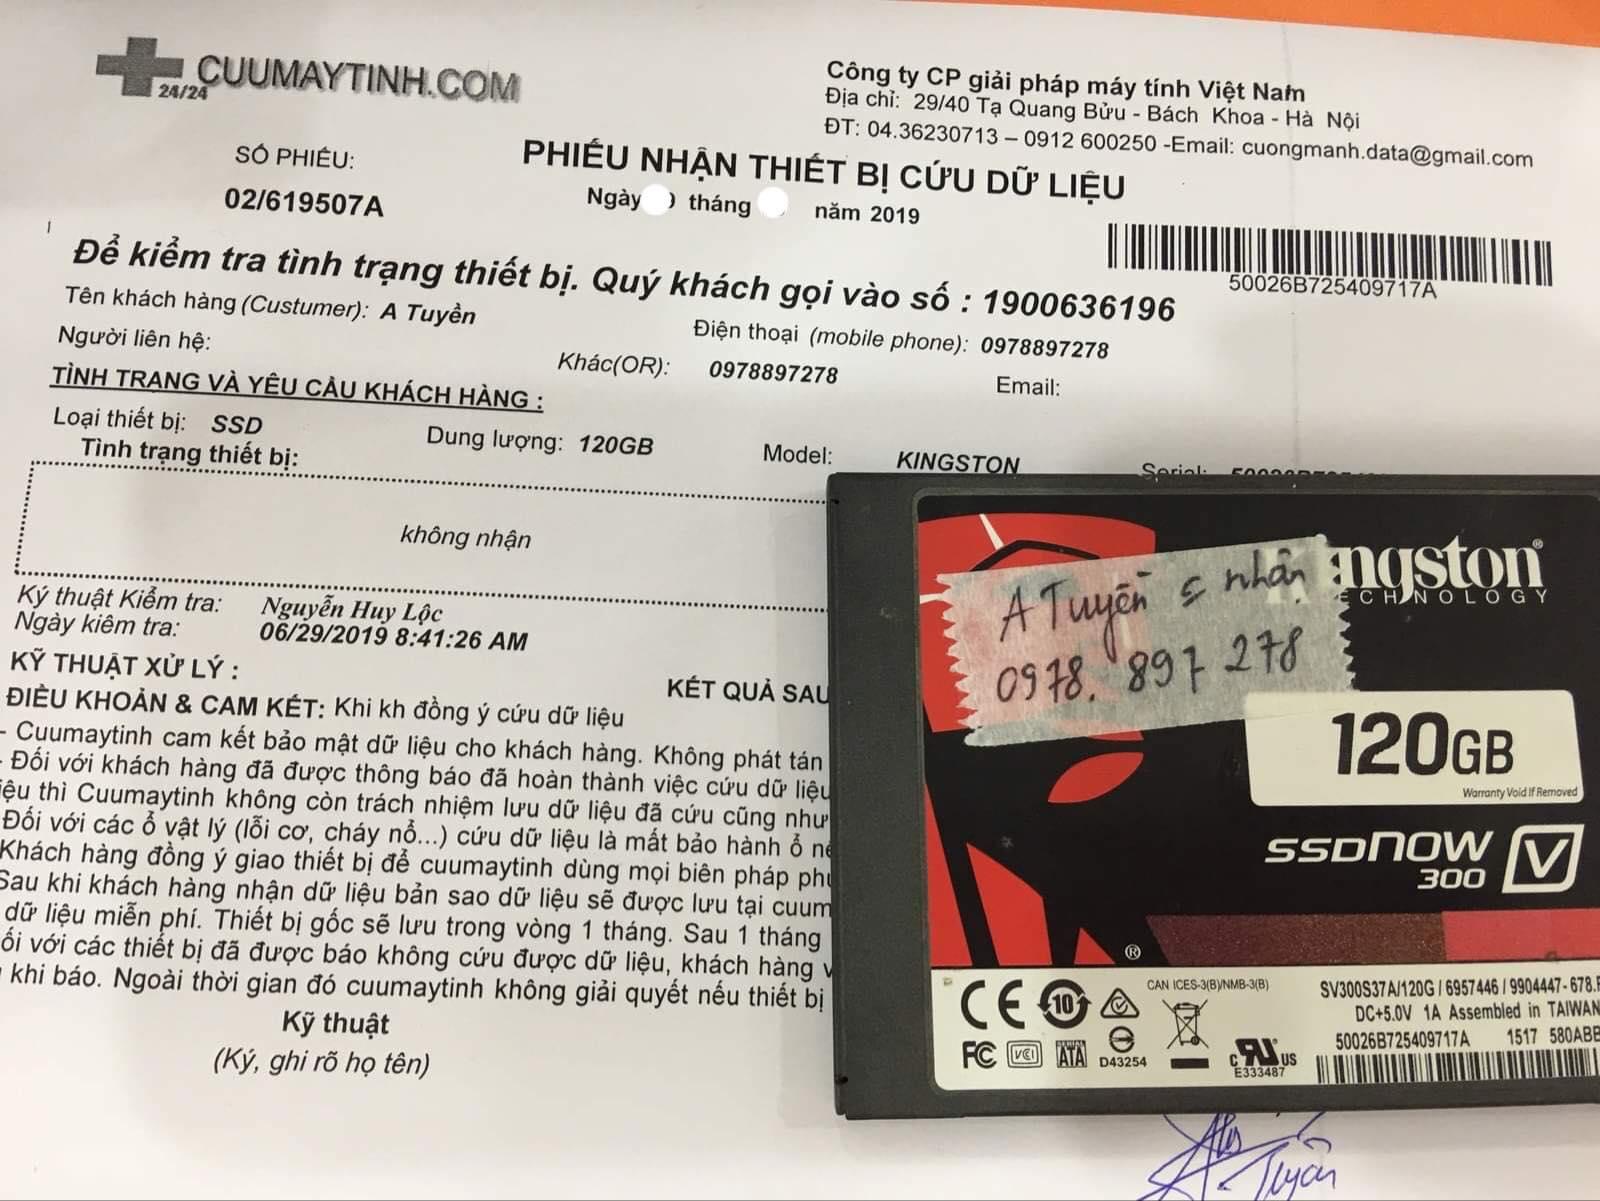 Lấy dữ liệu ổ cứng SSD Kingston 120GB không nhận 04/07/2019 - cuumaytinh